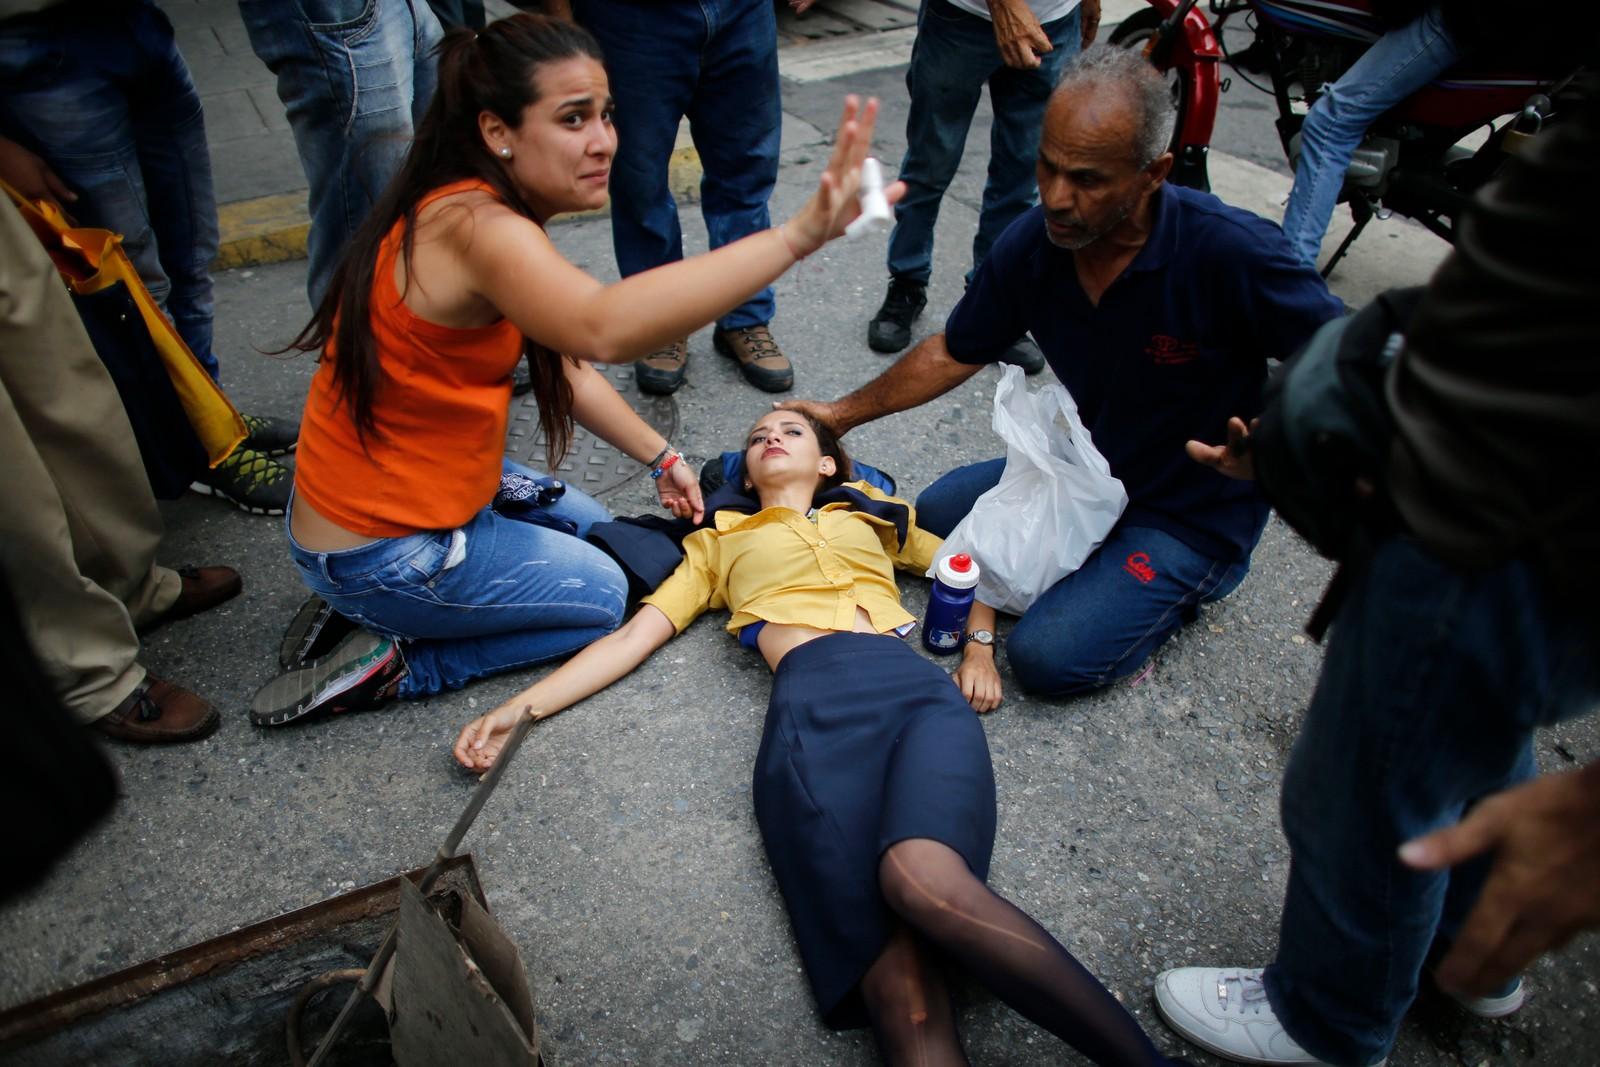 En kvinne får hjelp etter å ha pustet inn tåregass.